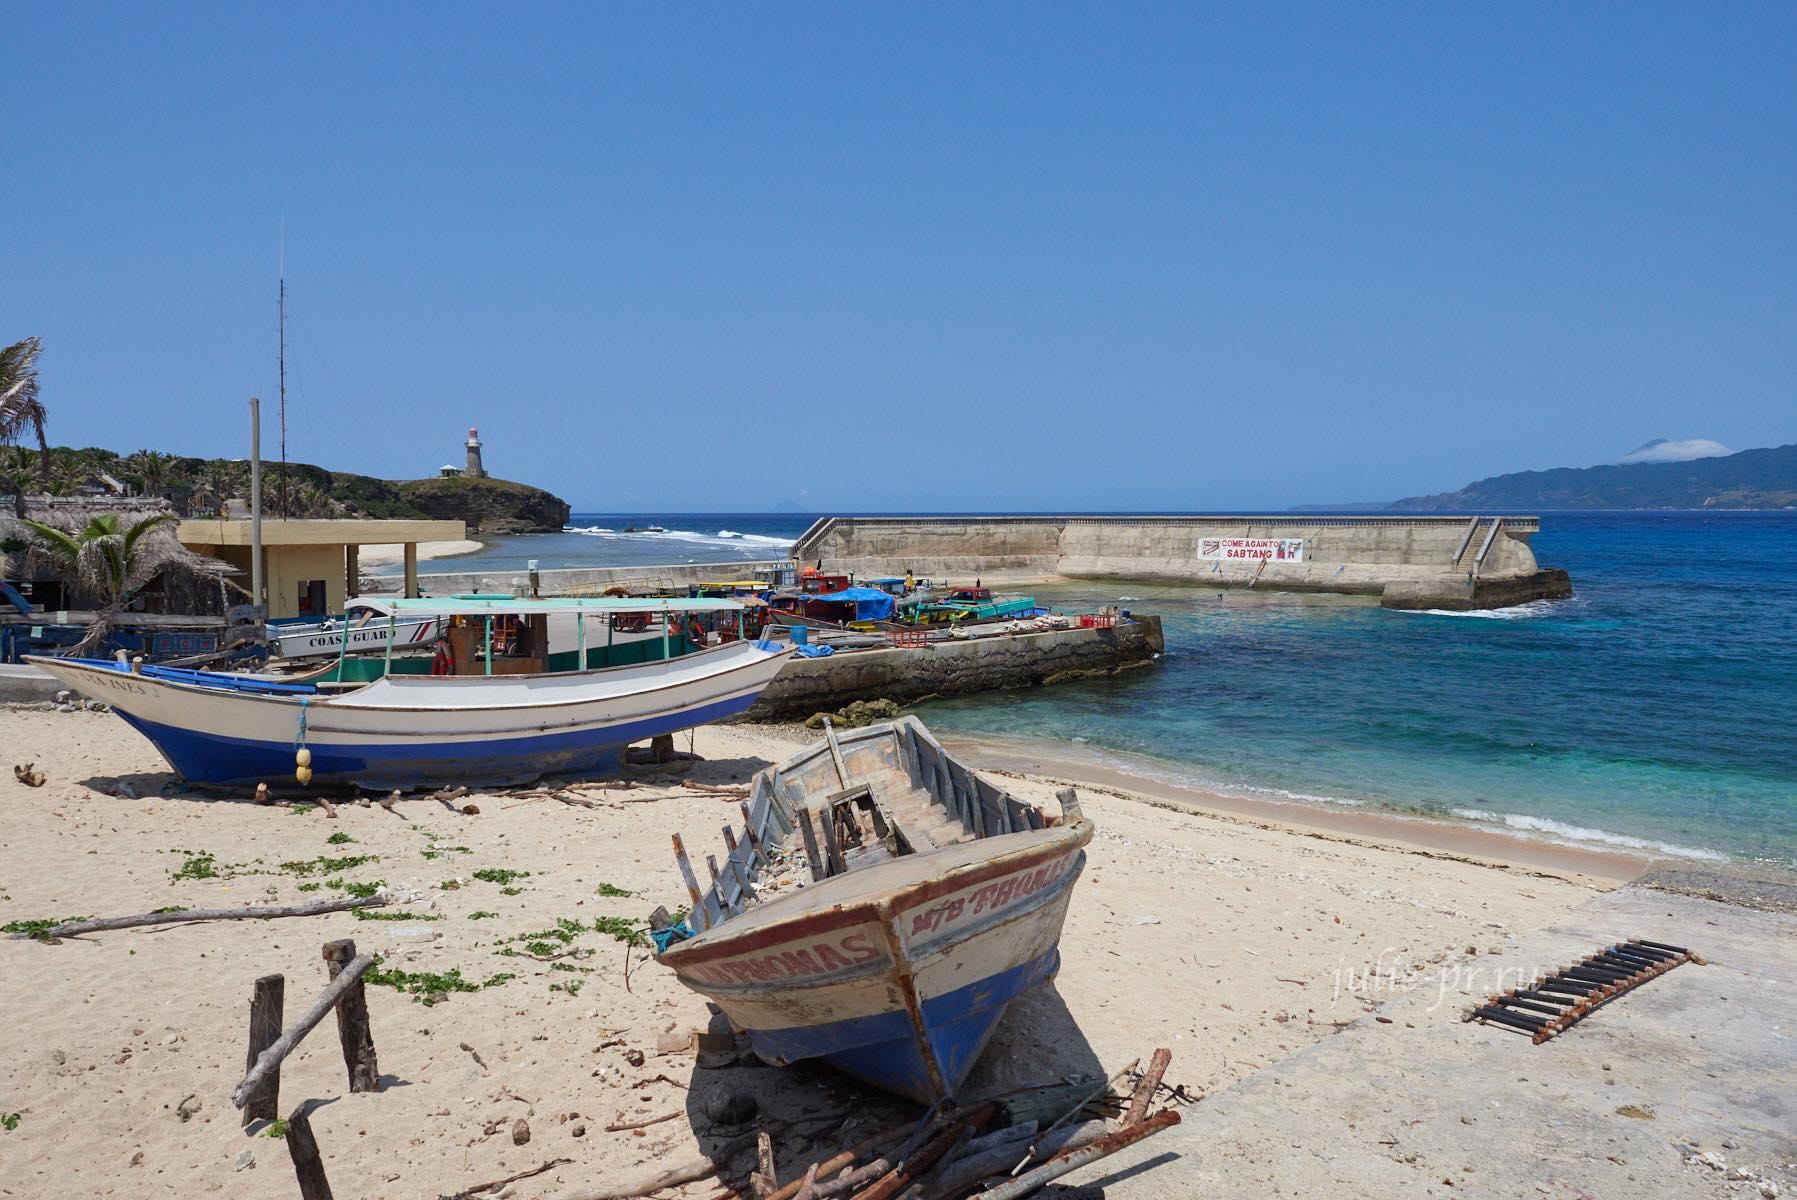 Филиппины, острова Батанес, порт